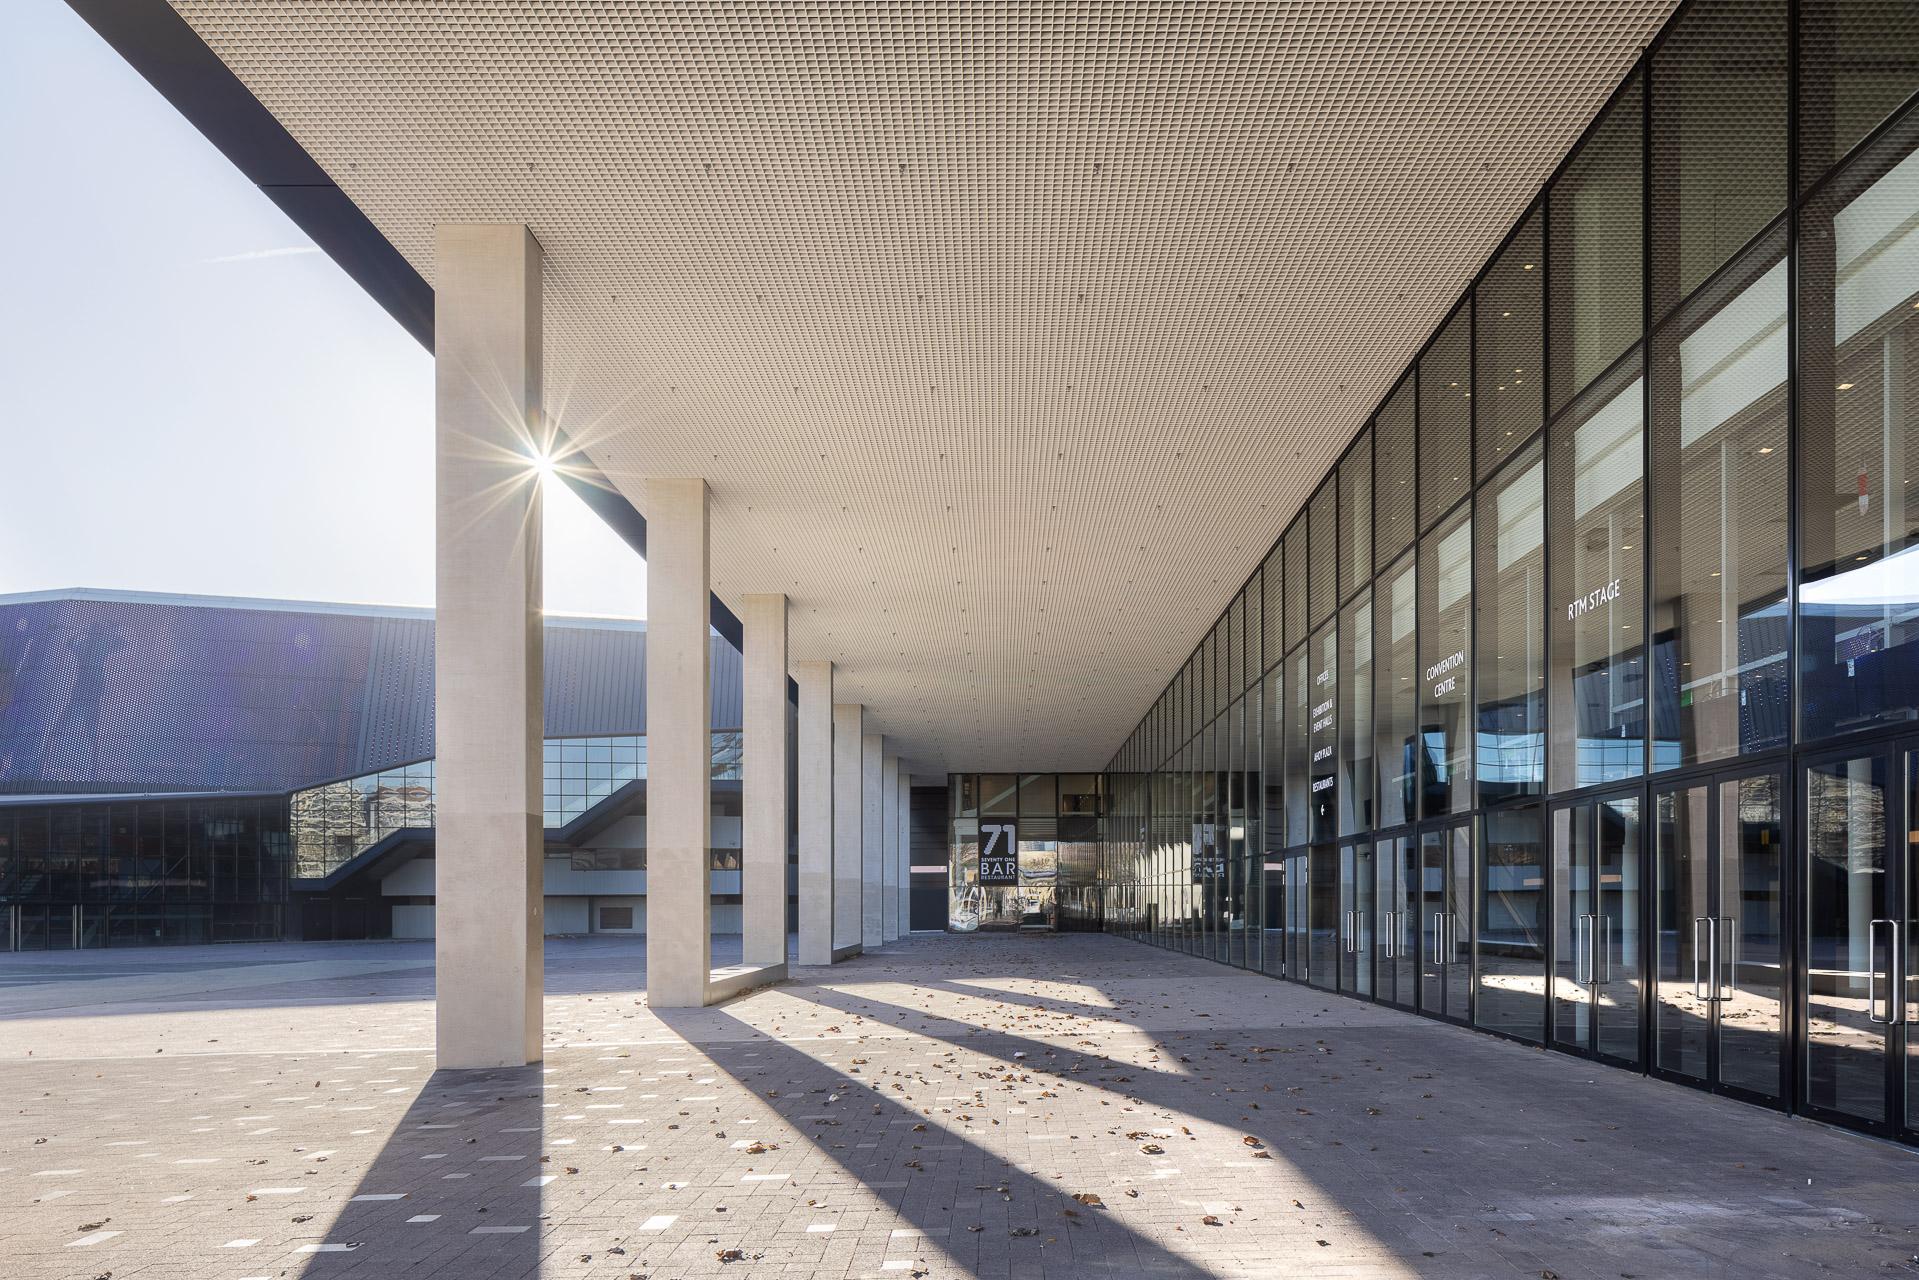 SP2020-Rotterdam-Ahoy-Convention-Centre-Exterieur-5-Architectuur-fotografie